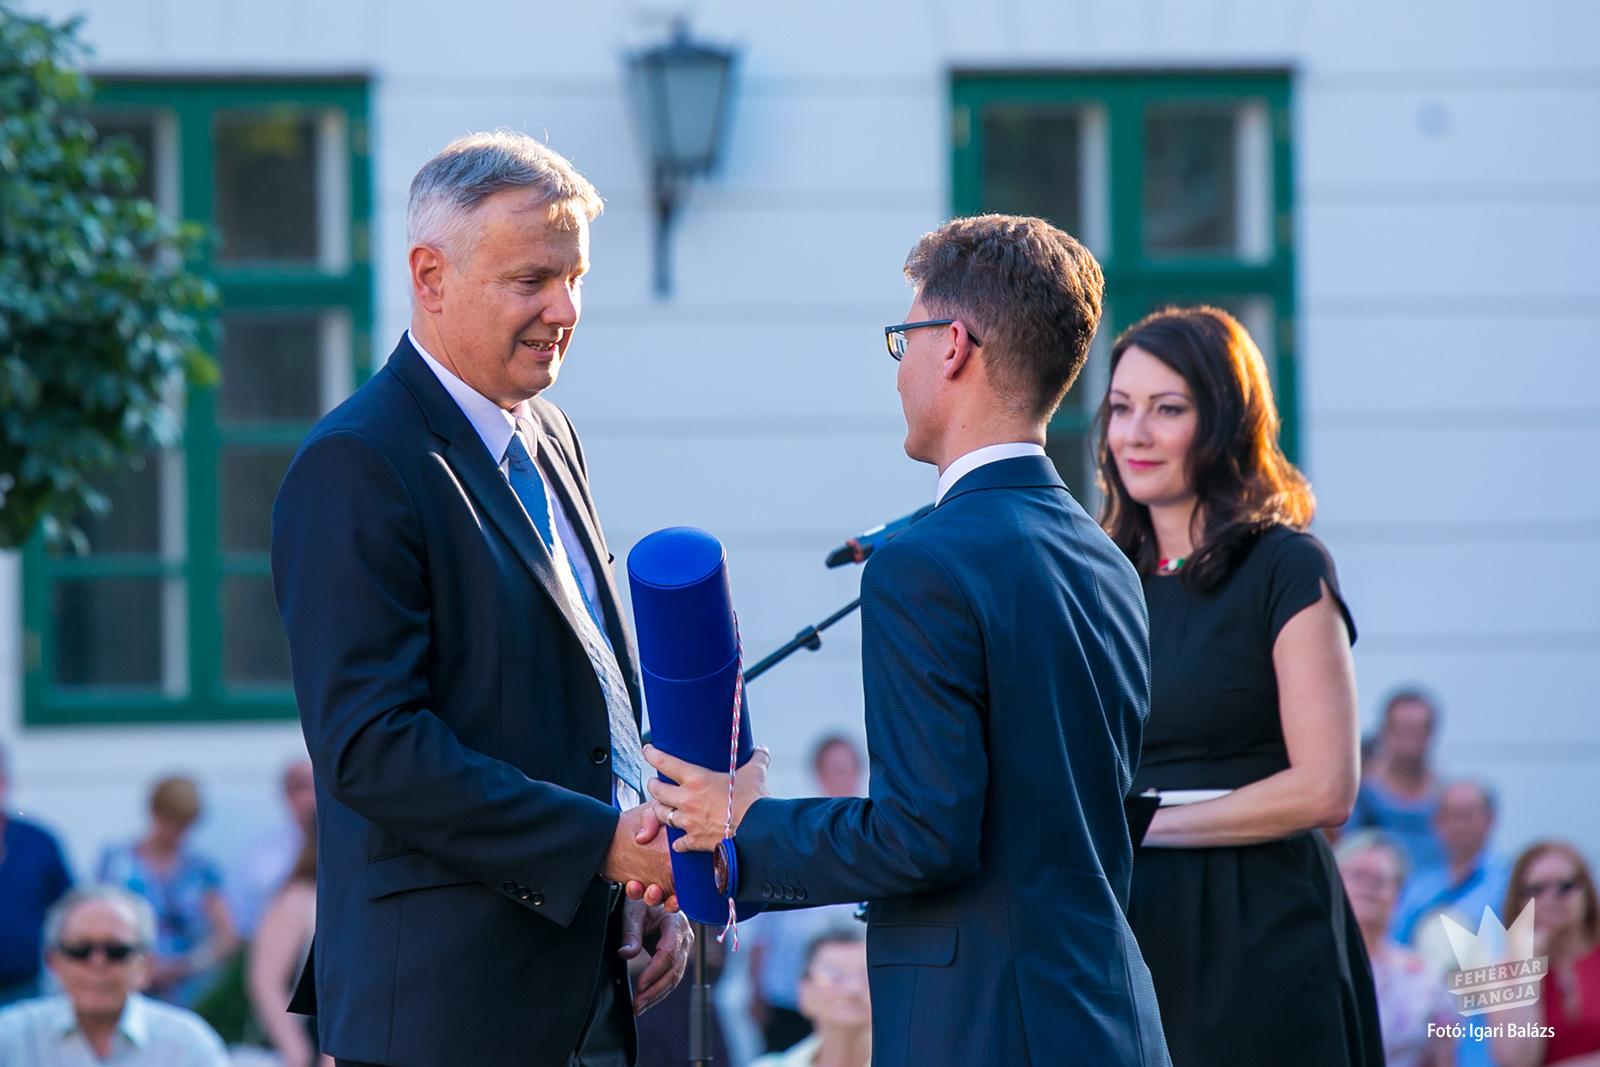 Ribi Pétert. a Fehérvár Travel ügyvezetőjét az önkormányzat Székesfehérvár díszpolgárává választotta